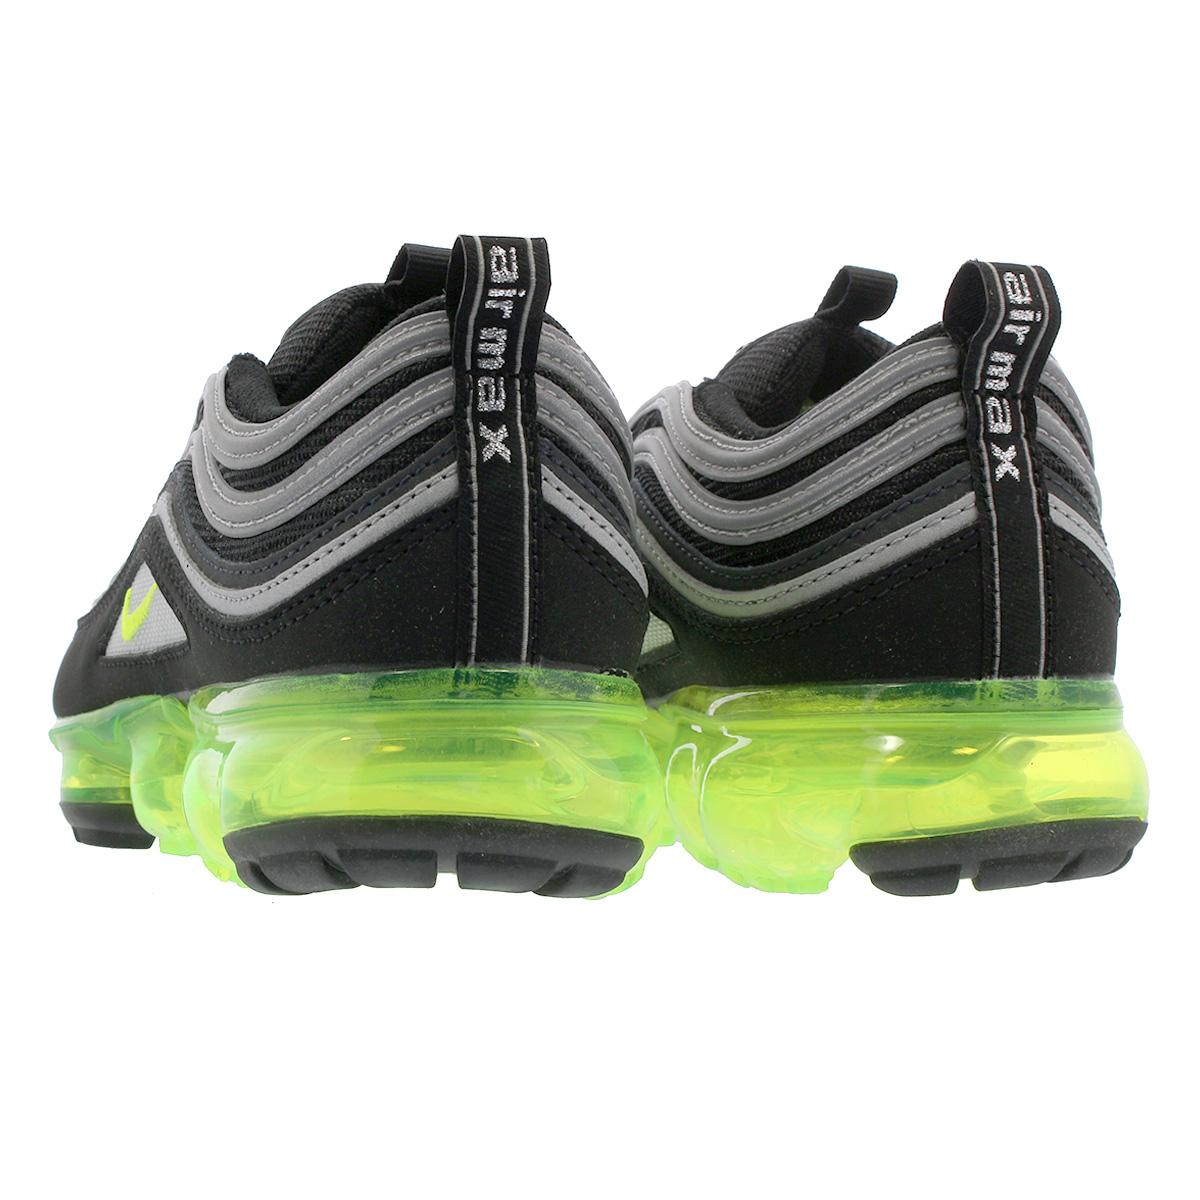 new arrival 24916 bb5d0 NIKE AIR VAPORMAX 97 GS Nike air vapor max 97 GS BLACK/VOLT/METALLIC  SILVER/WHITE aq2657-002